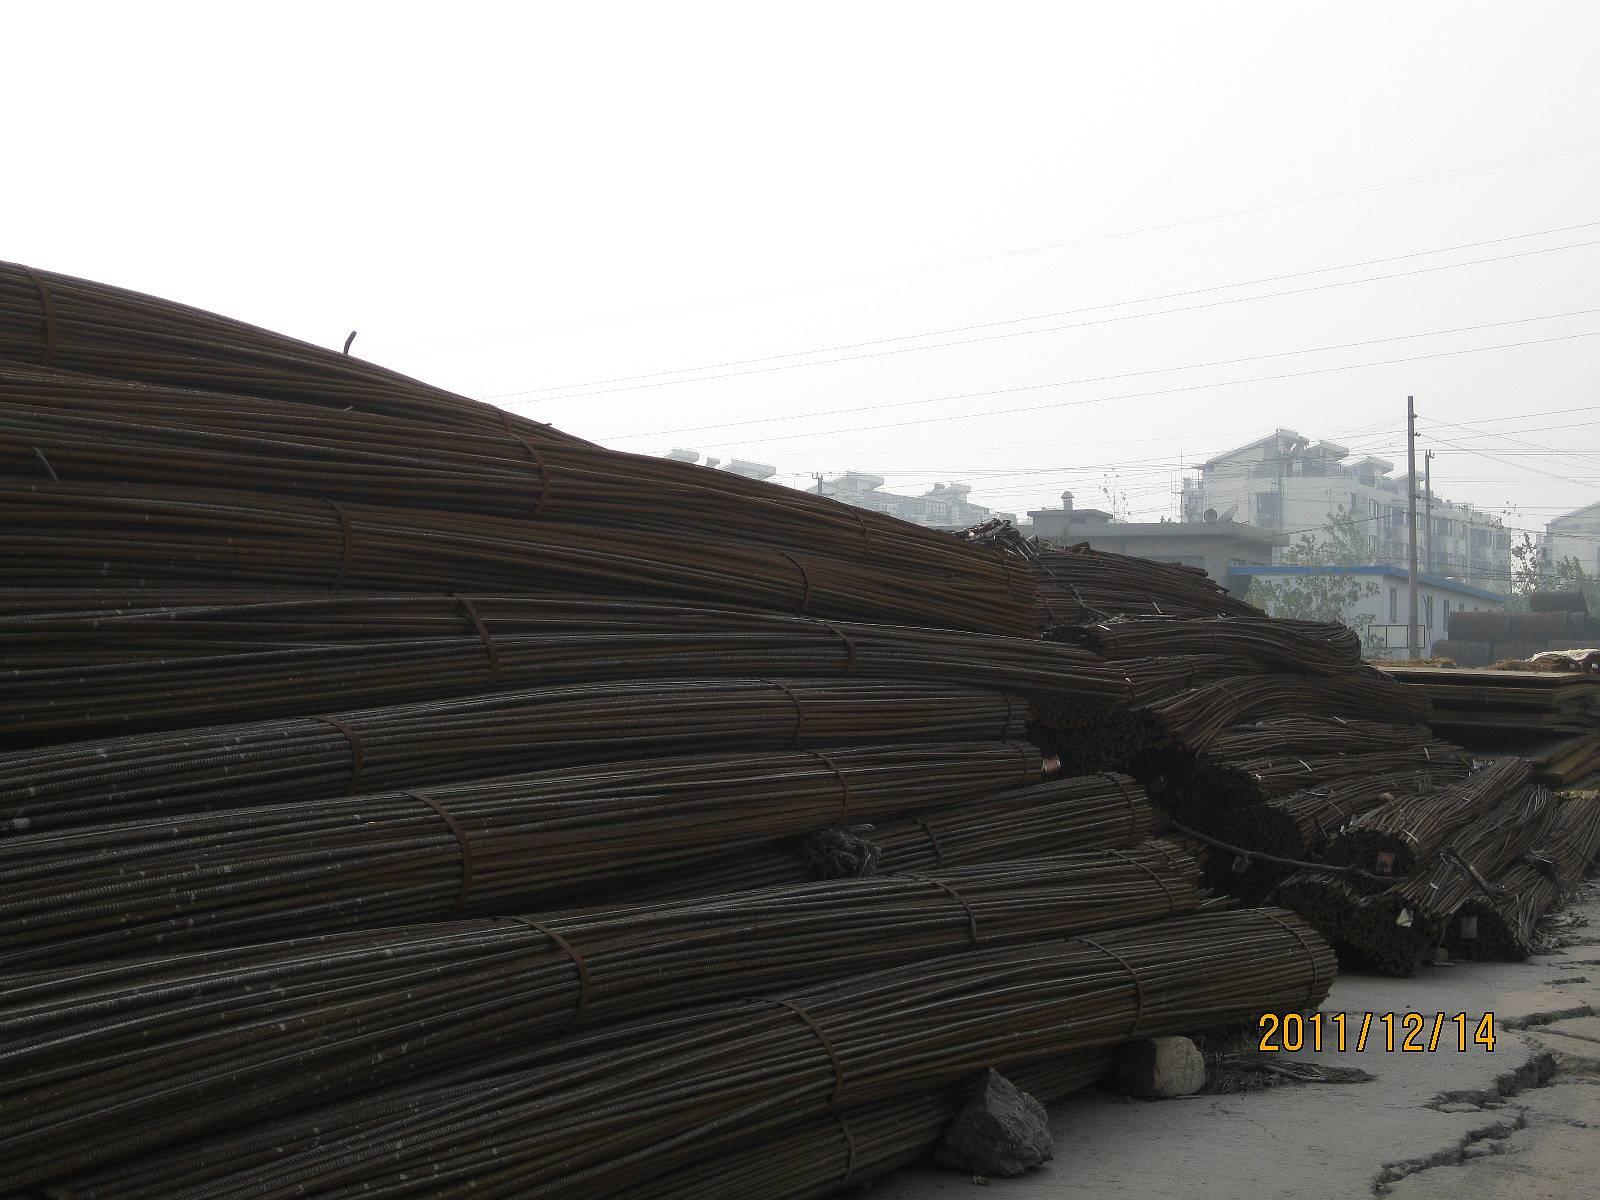 上海地区/A仓库:螺纹减少2990吨,有一大片地方的螺纹只有三垛了,其他...